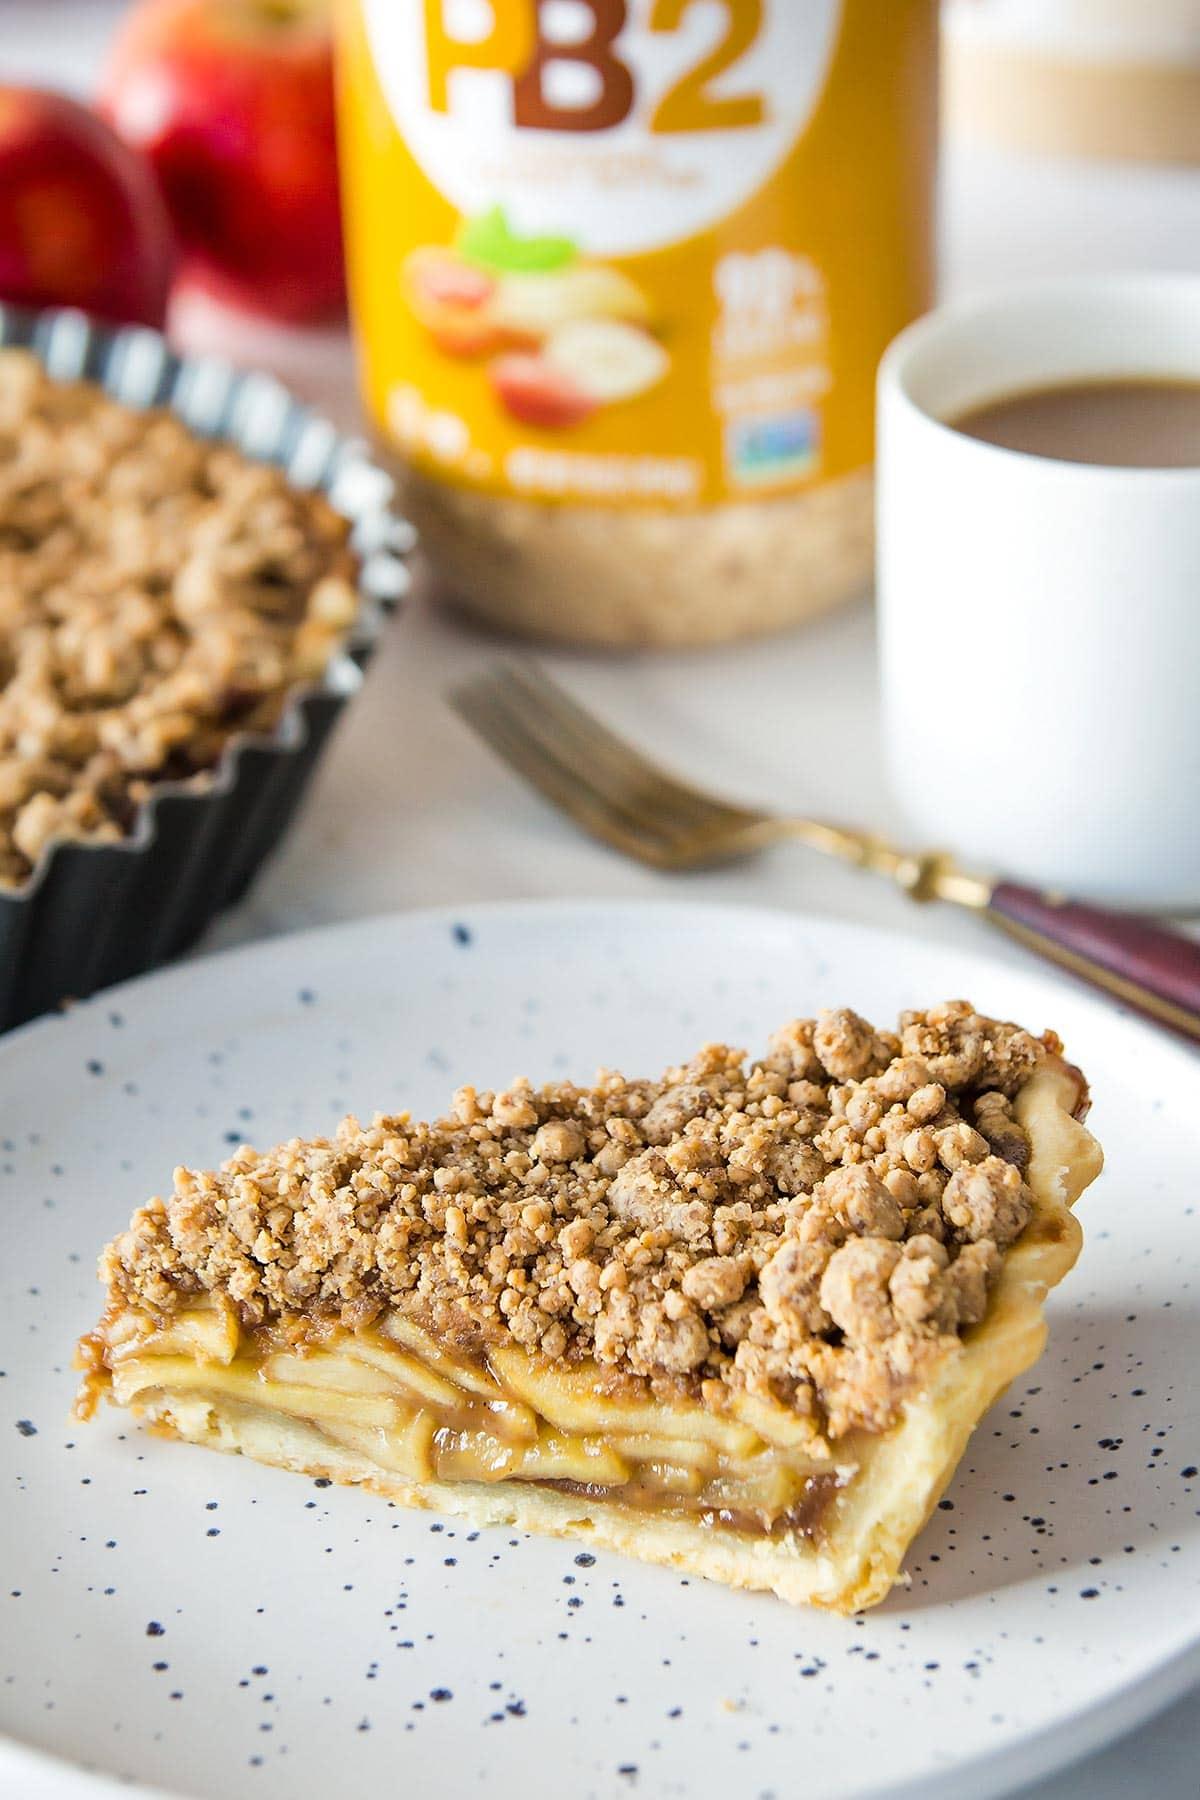 Slice of apple crumble pie